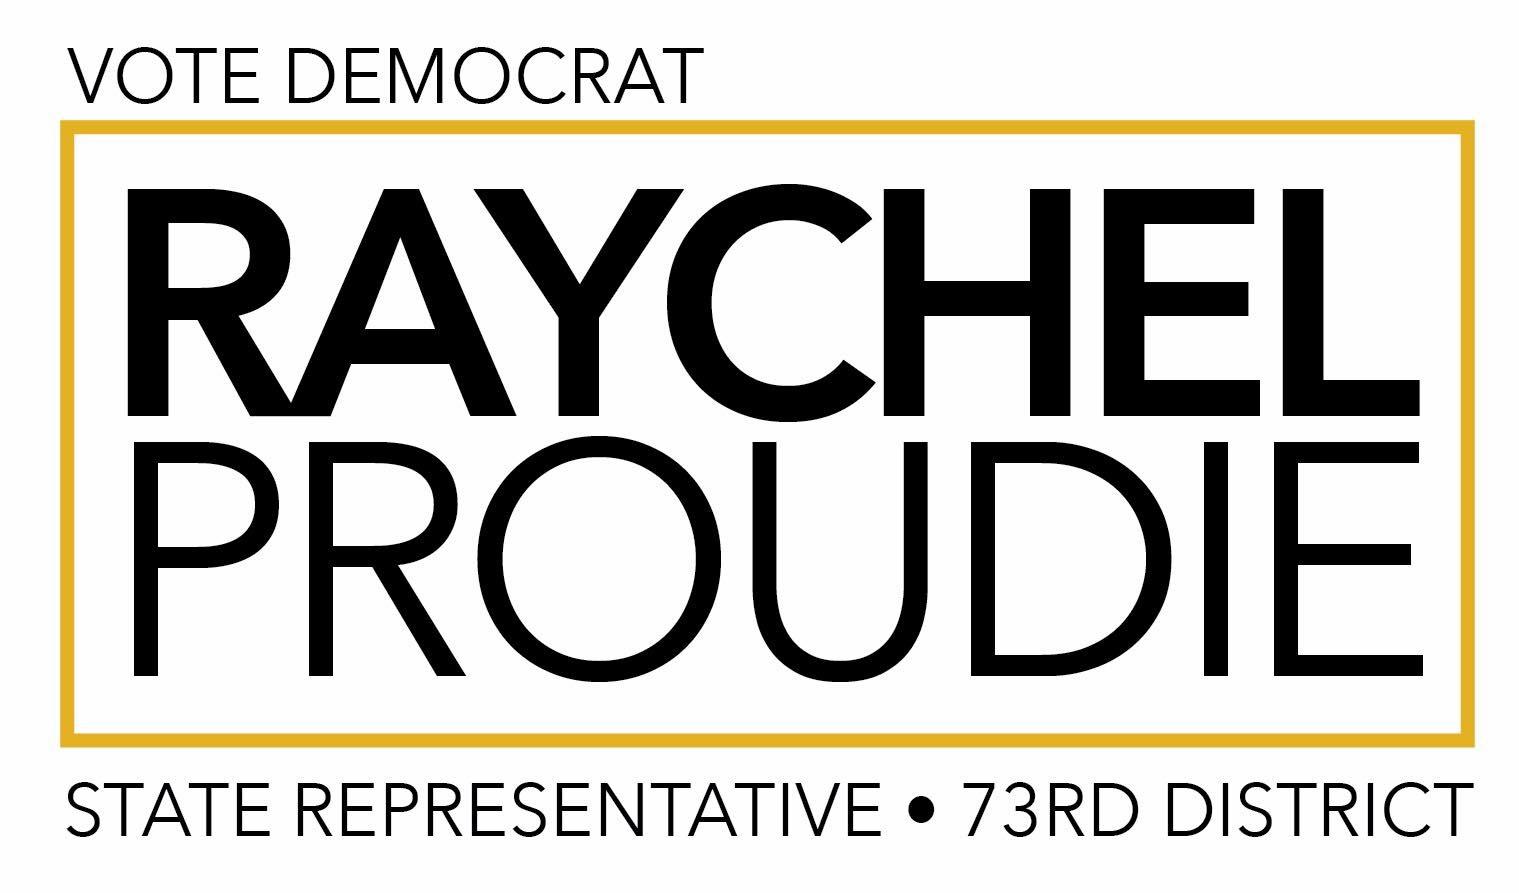 Raychel Proudie